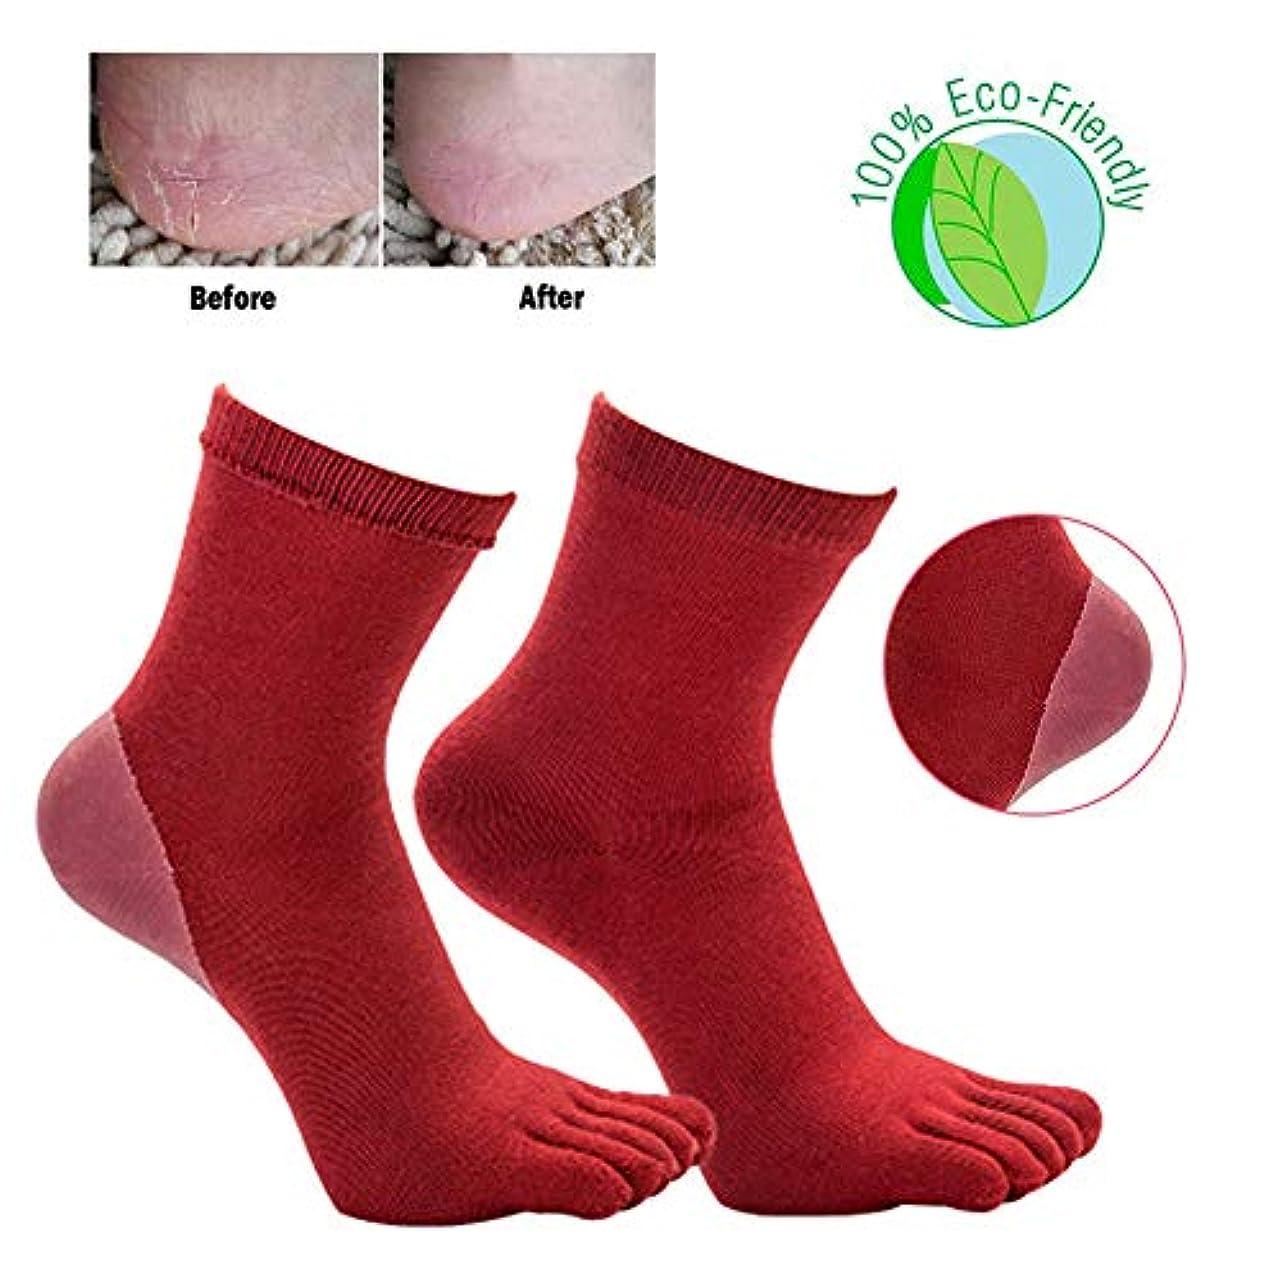 融合呼びかける甲虫ひび割れ防止靴下秋と冬のアンチ足ひび割れ靴下アンチ足かかと割れひび割れエッセンシャルオイルジェルフットケア保湿女性靴下